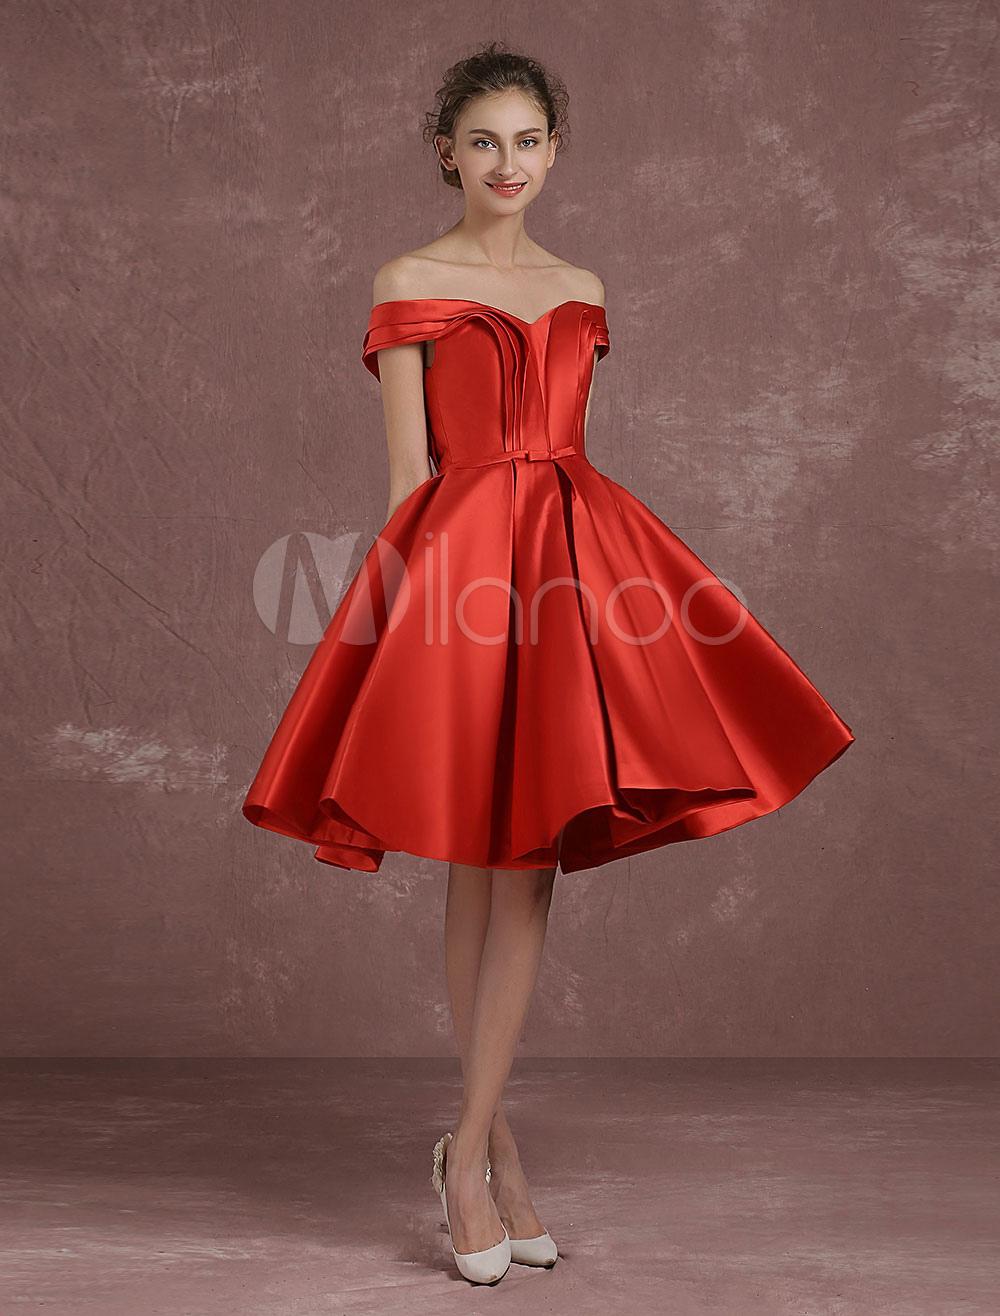 con de Satén Tela cóctel hombros escote Vestido lazo caídos con sin de rojo mangas Ht7wxndq